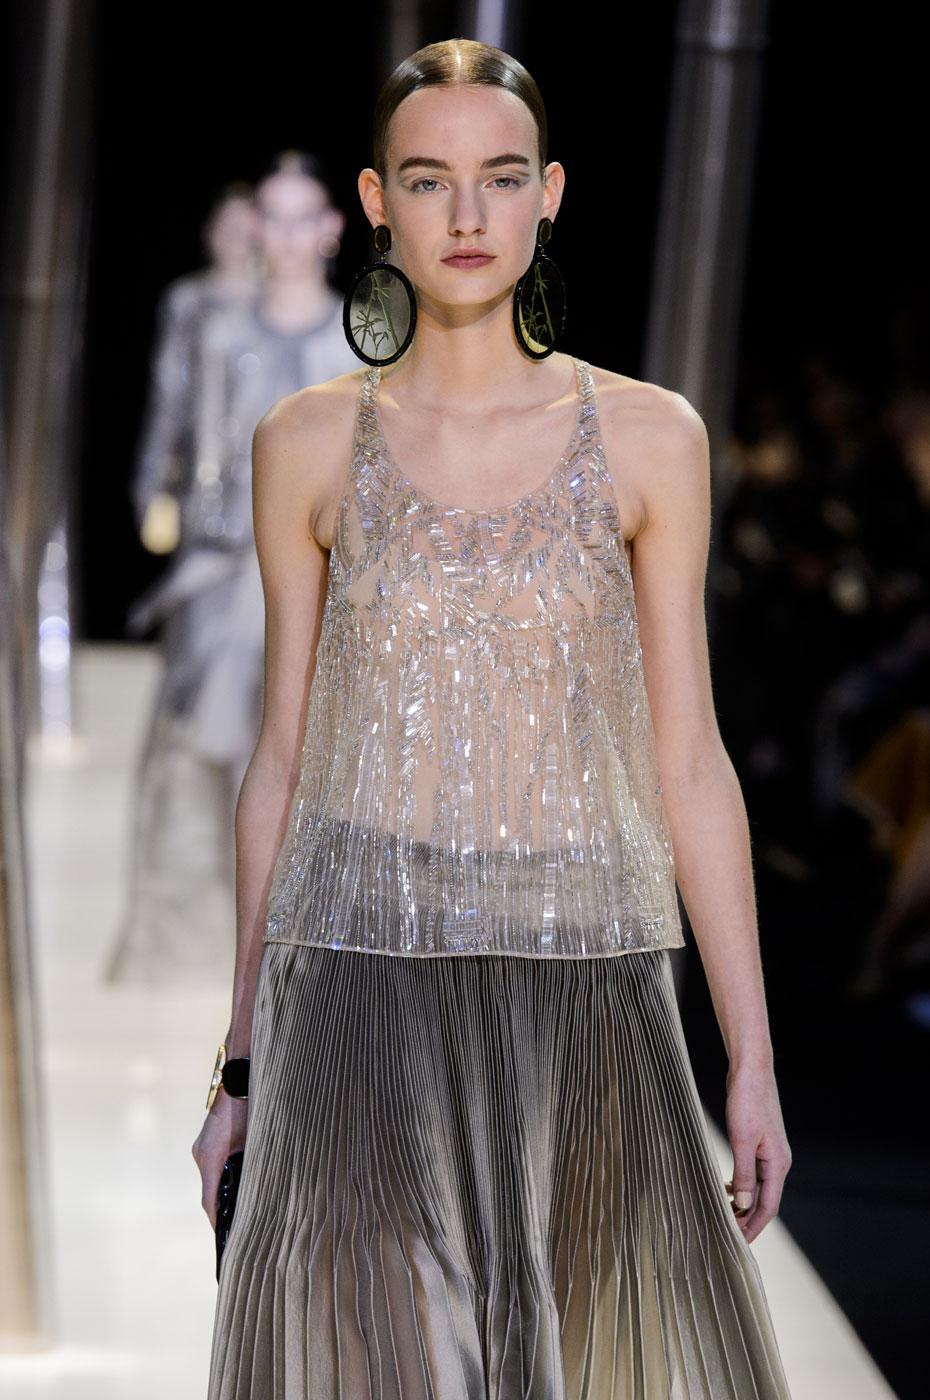 Giorgio-armani-Prive-fashion-runway-show-haute-couture-paris-spring-2015-the-impression-060